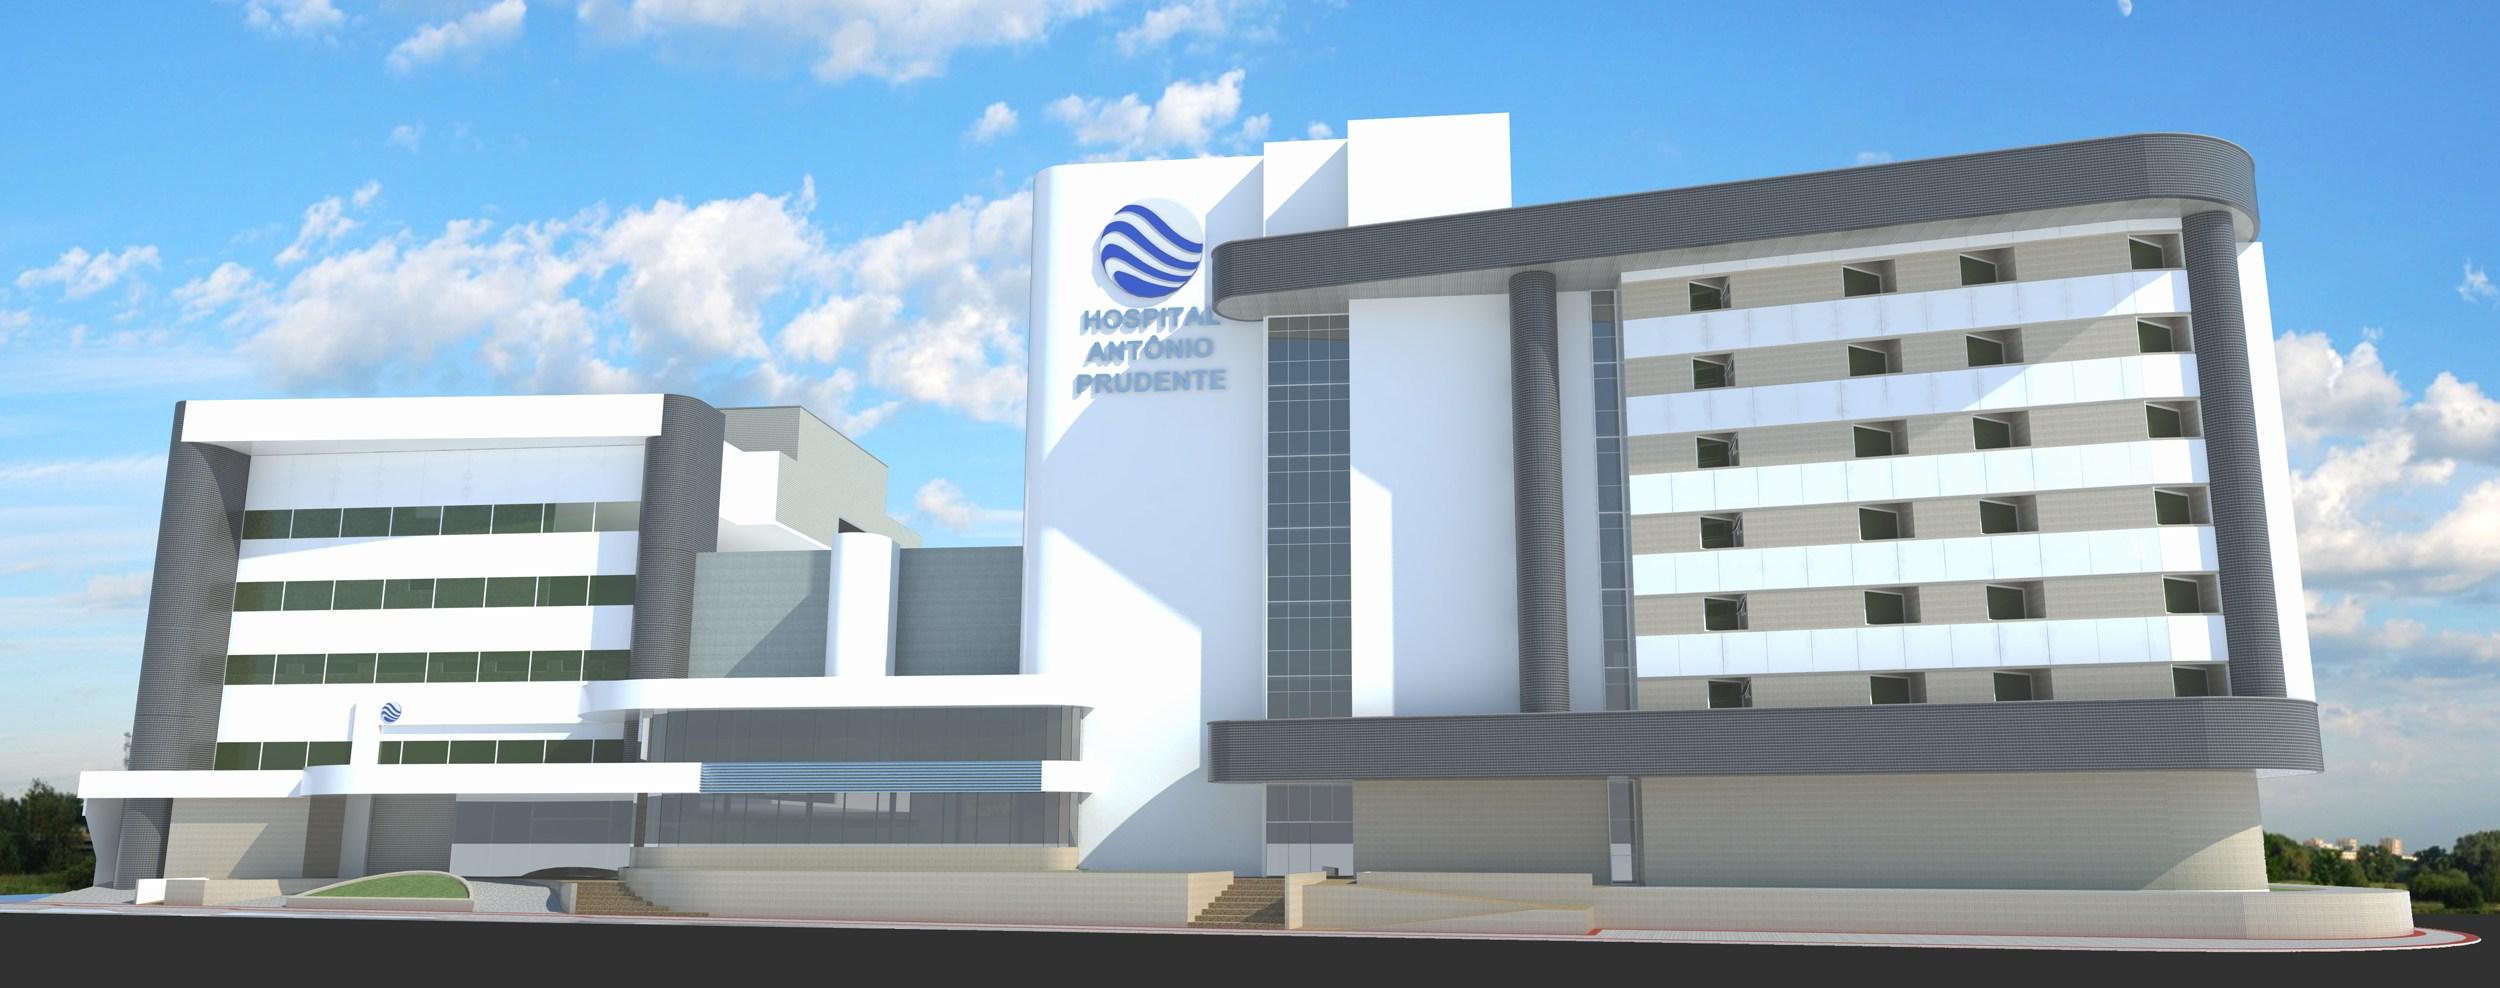 ilustração 3d do hospital Santo antonio prudente